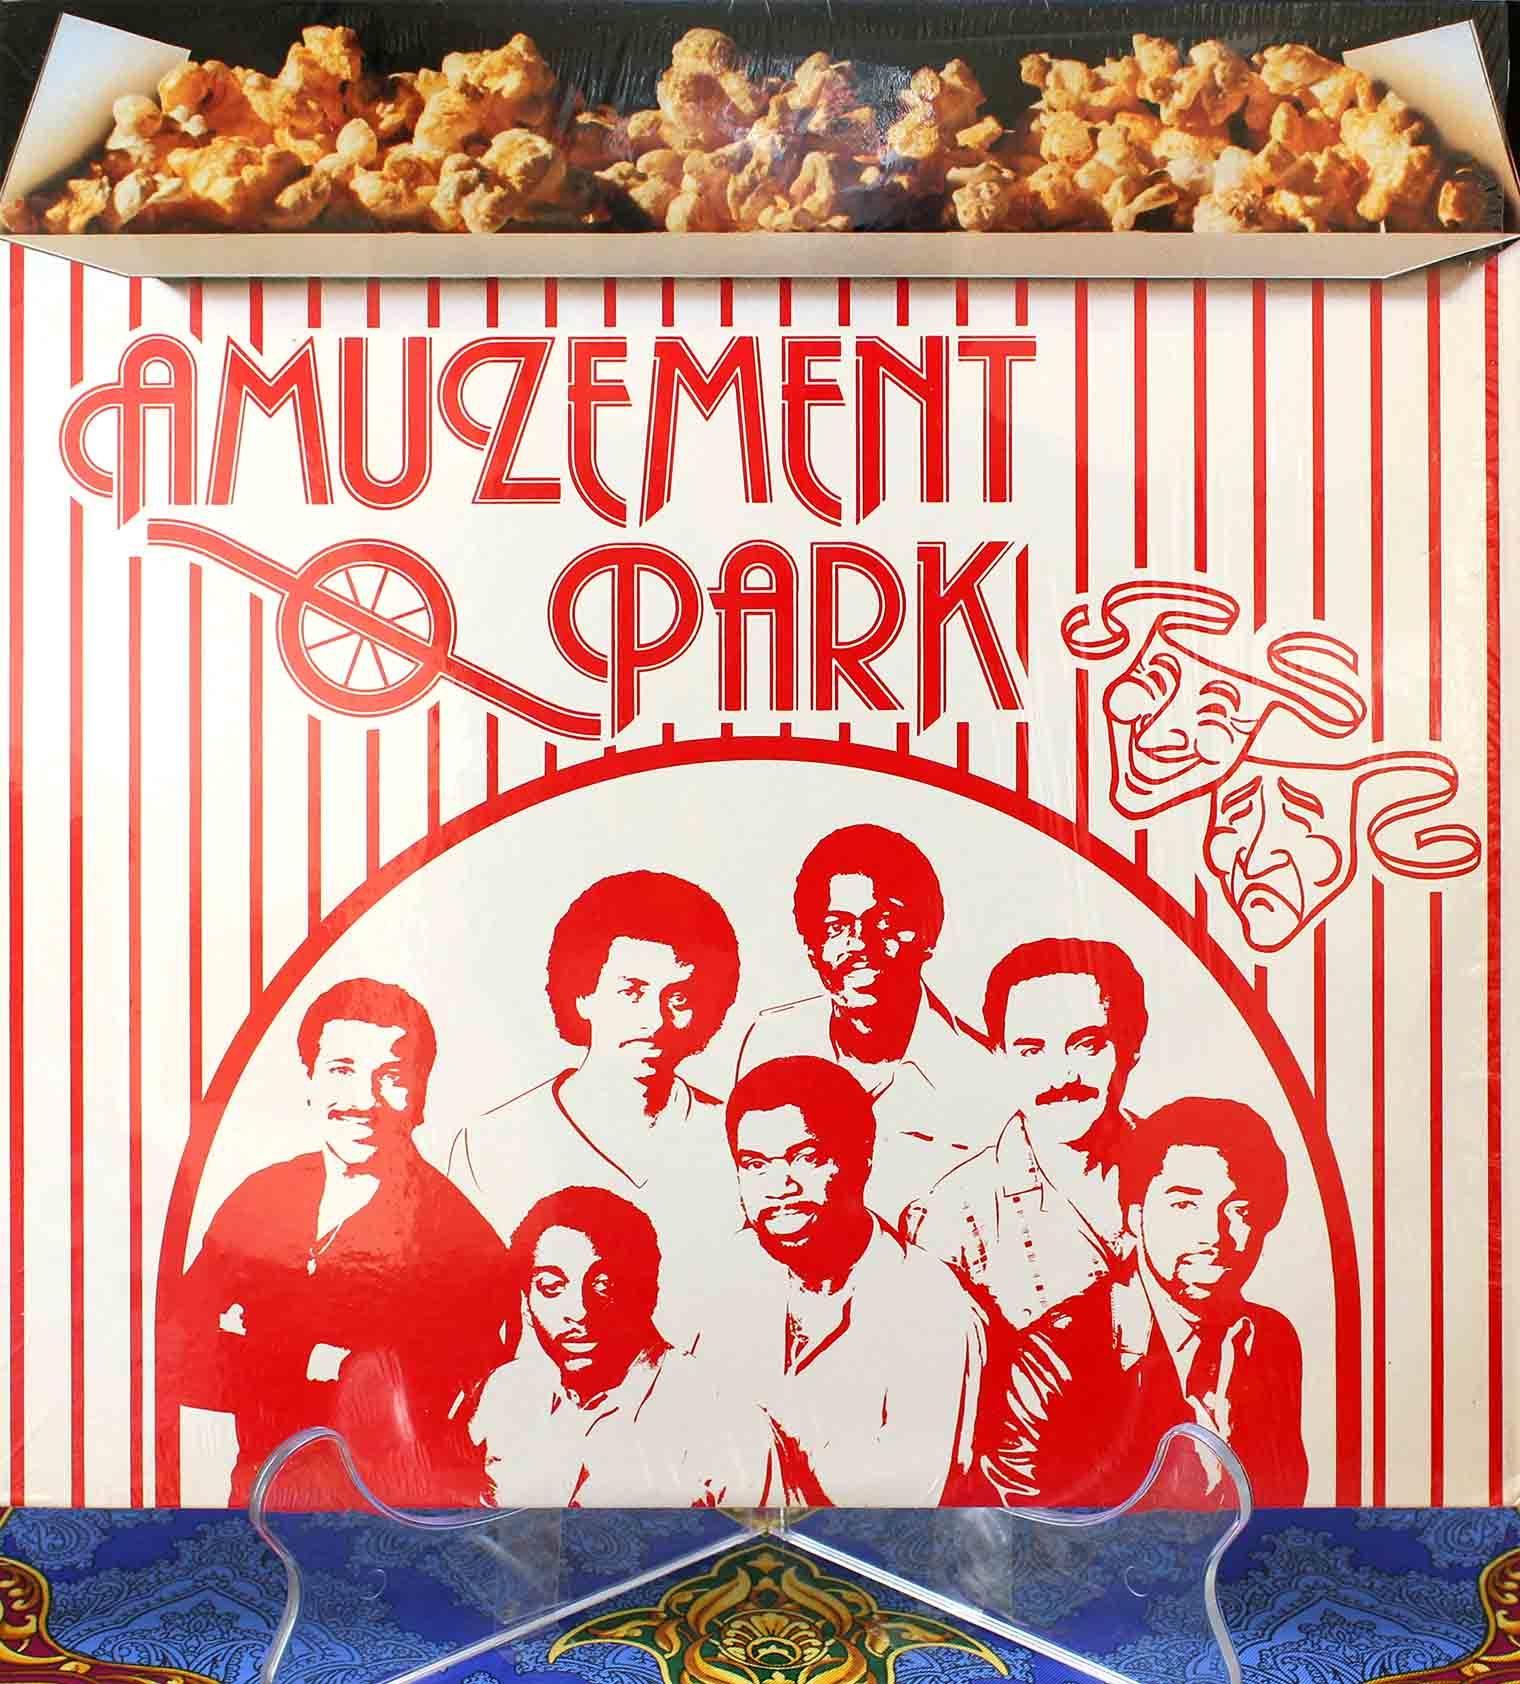 Amuzement Park 01